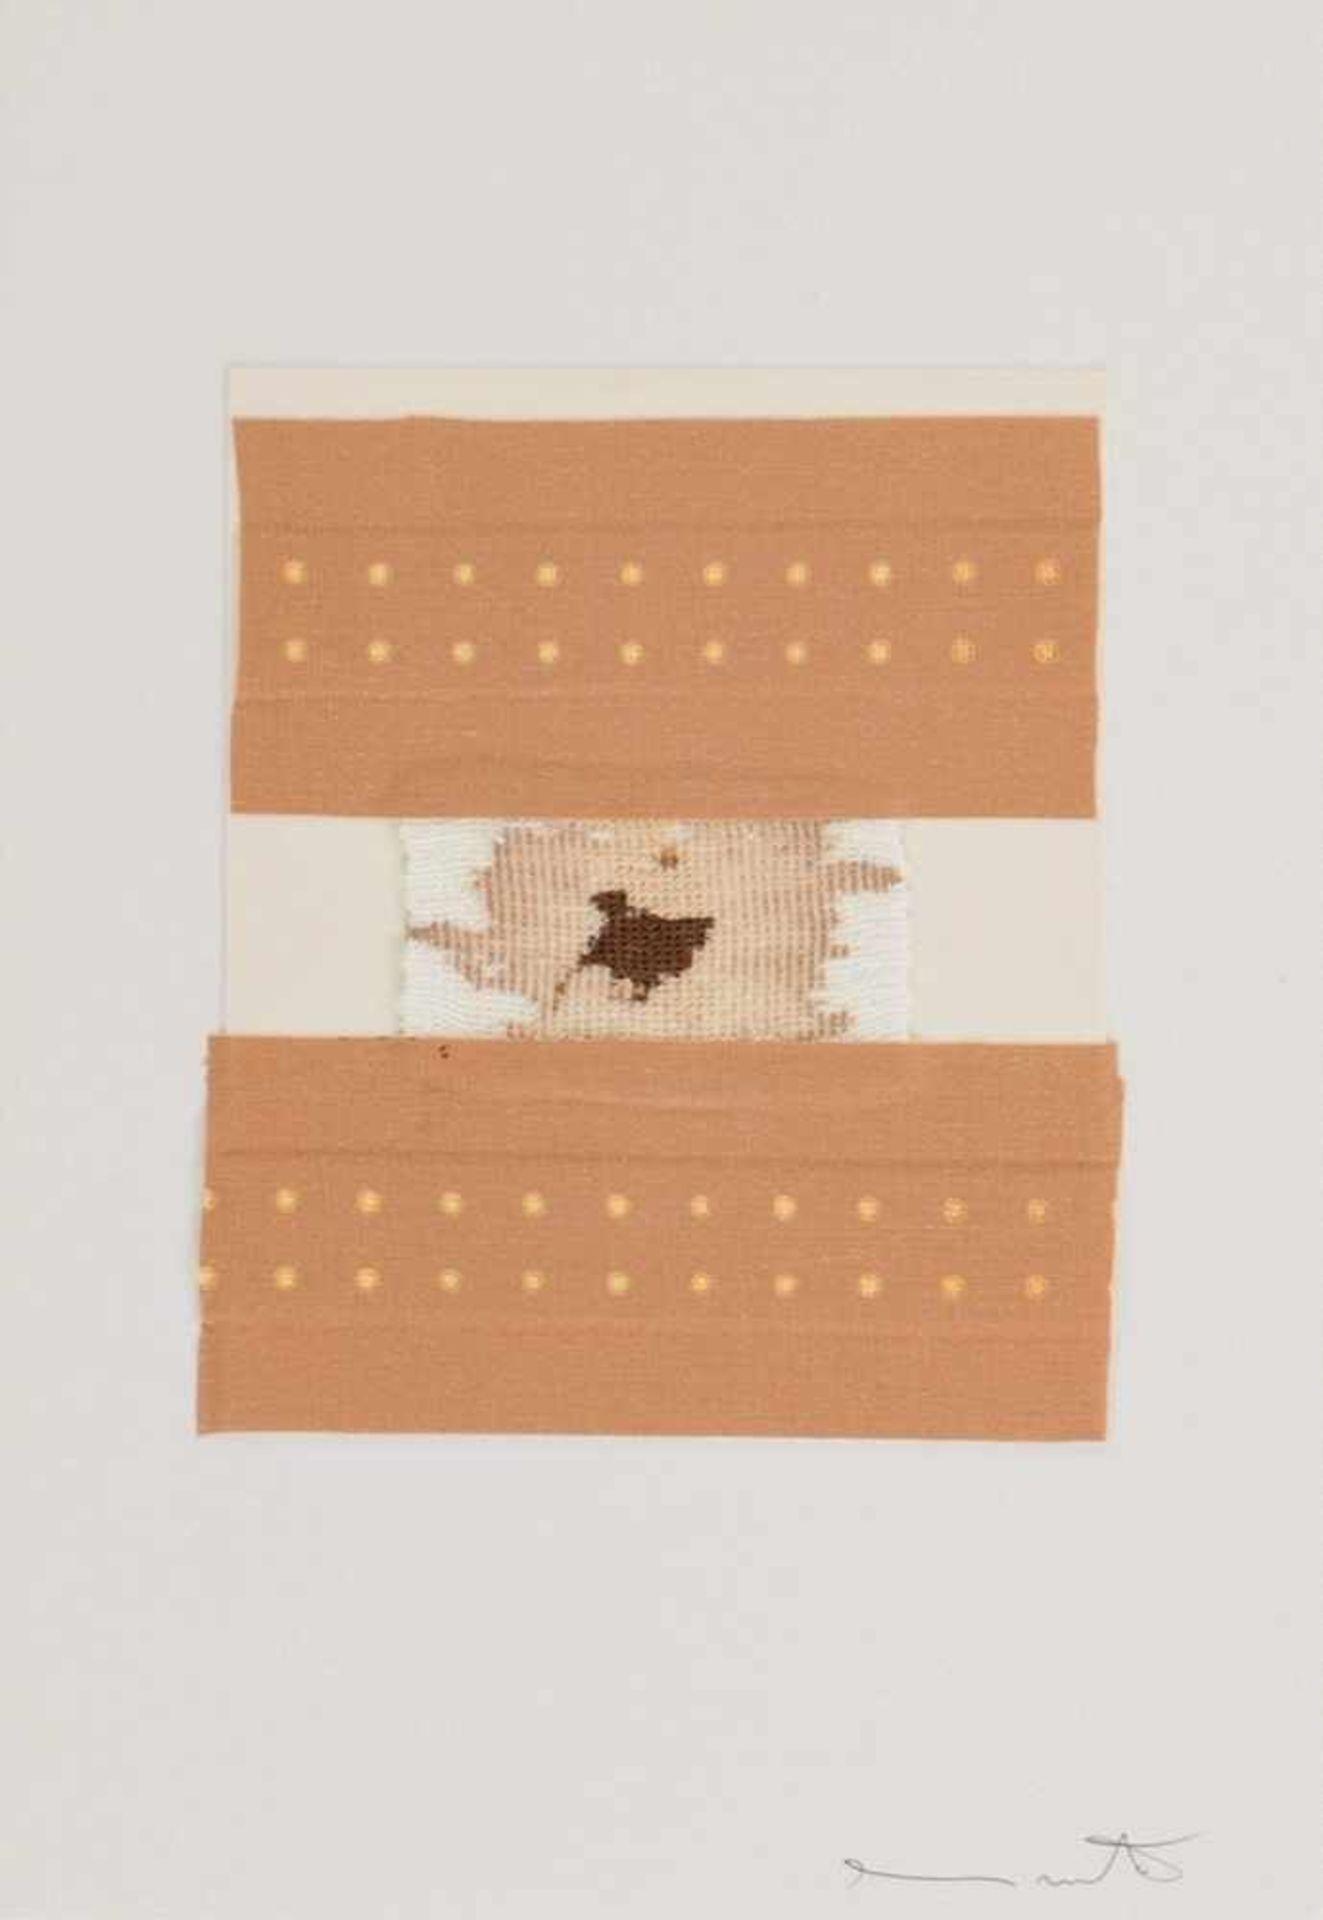 Los 32 - HERMANN NITSCH(1938 WIEN)o. T., 1972Verbandsmull, Leukoplaststreifen, Blut?,Acryl auf weißem Karton,